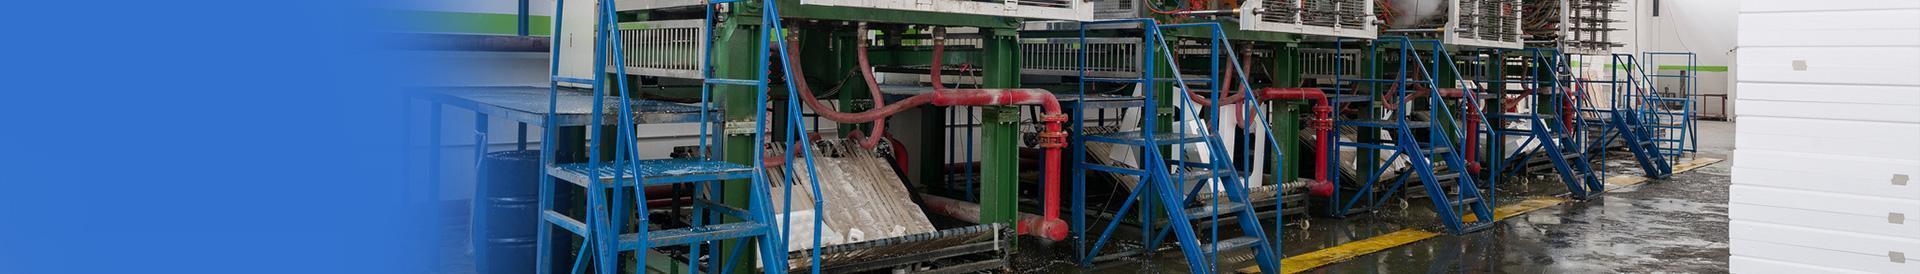 Maszyny do produkcji wyrobow z polisterynu spienialnego banner - styromat